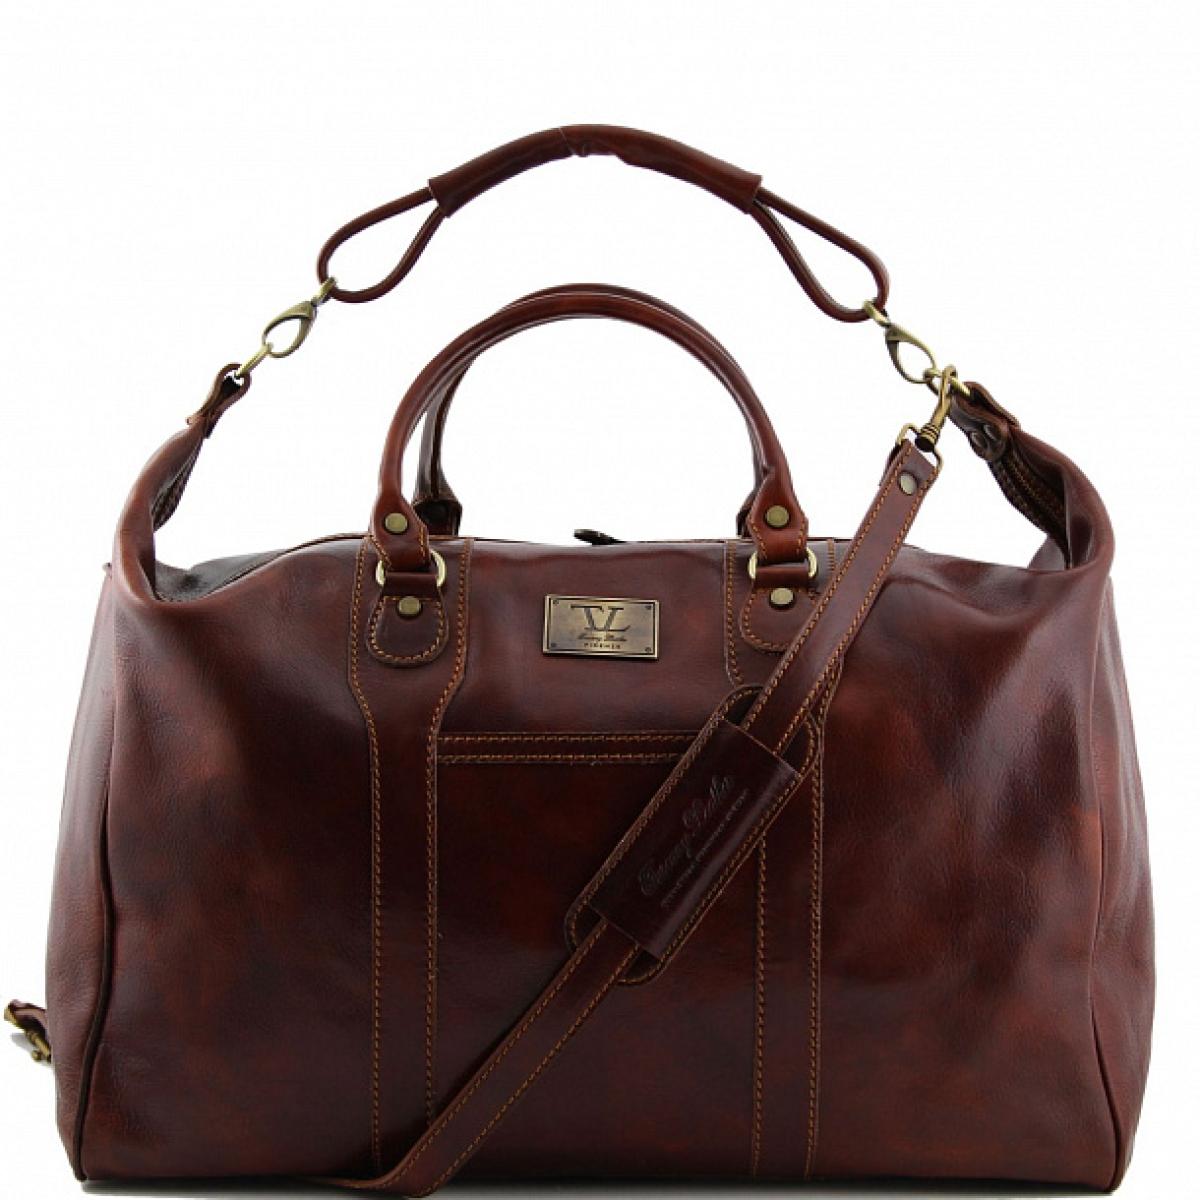 купить дорожную мужскую сумку найк в москве